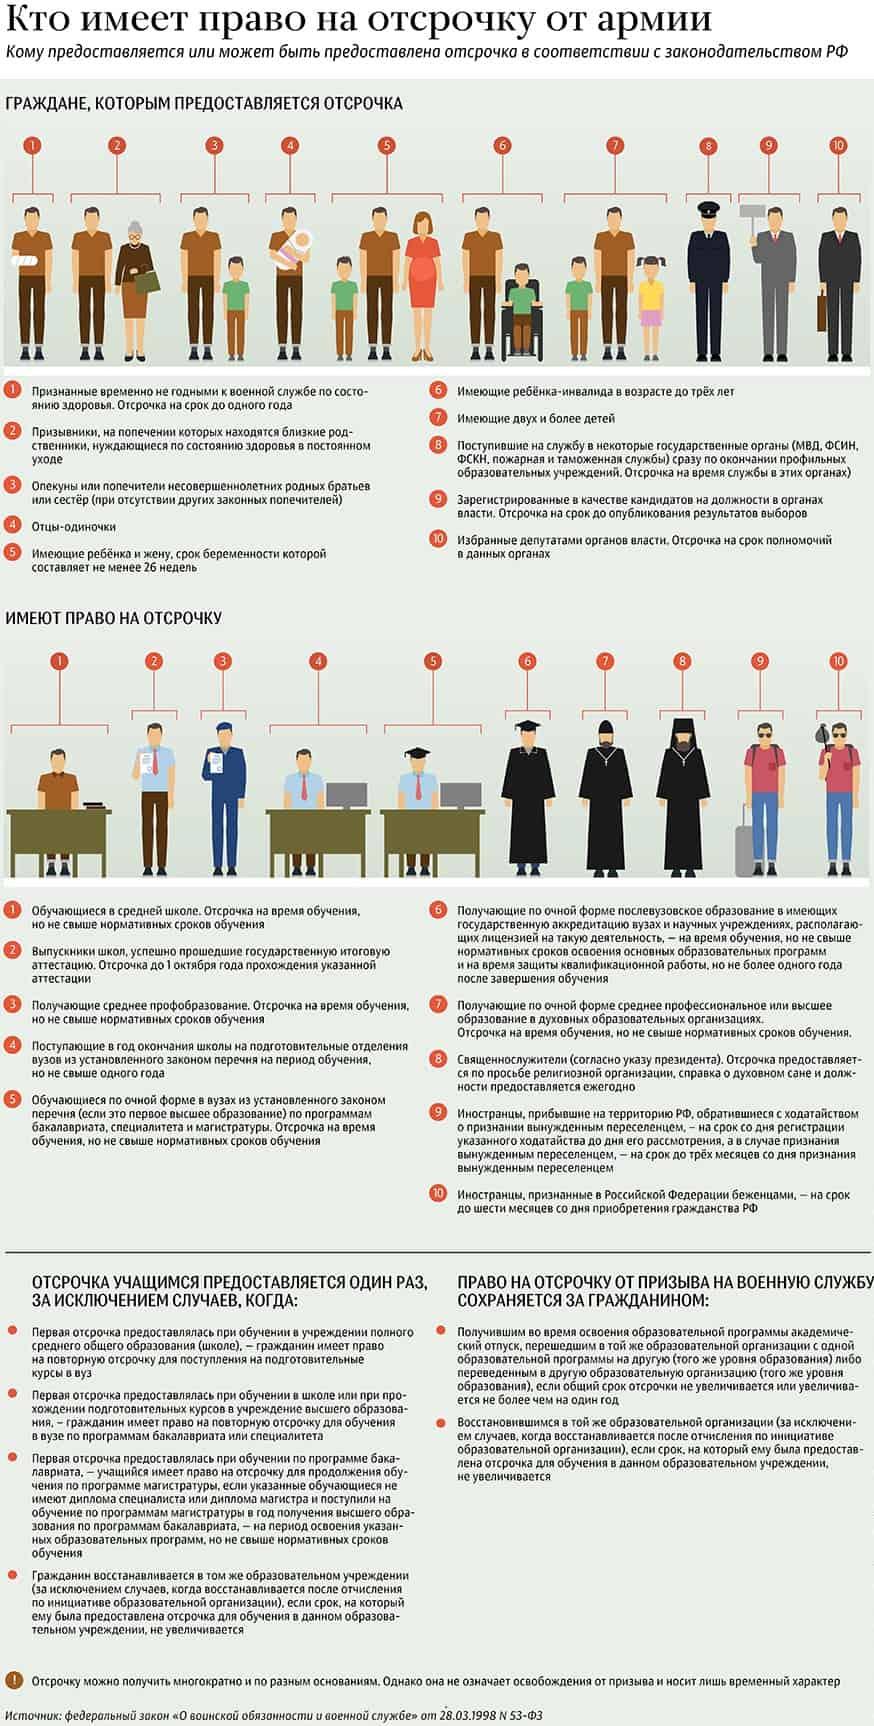 Кто имеет право на отсрочку от призыва граждан России на военную службу